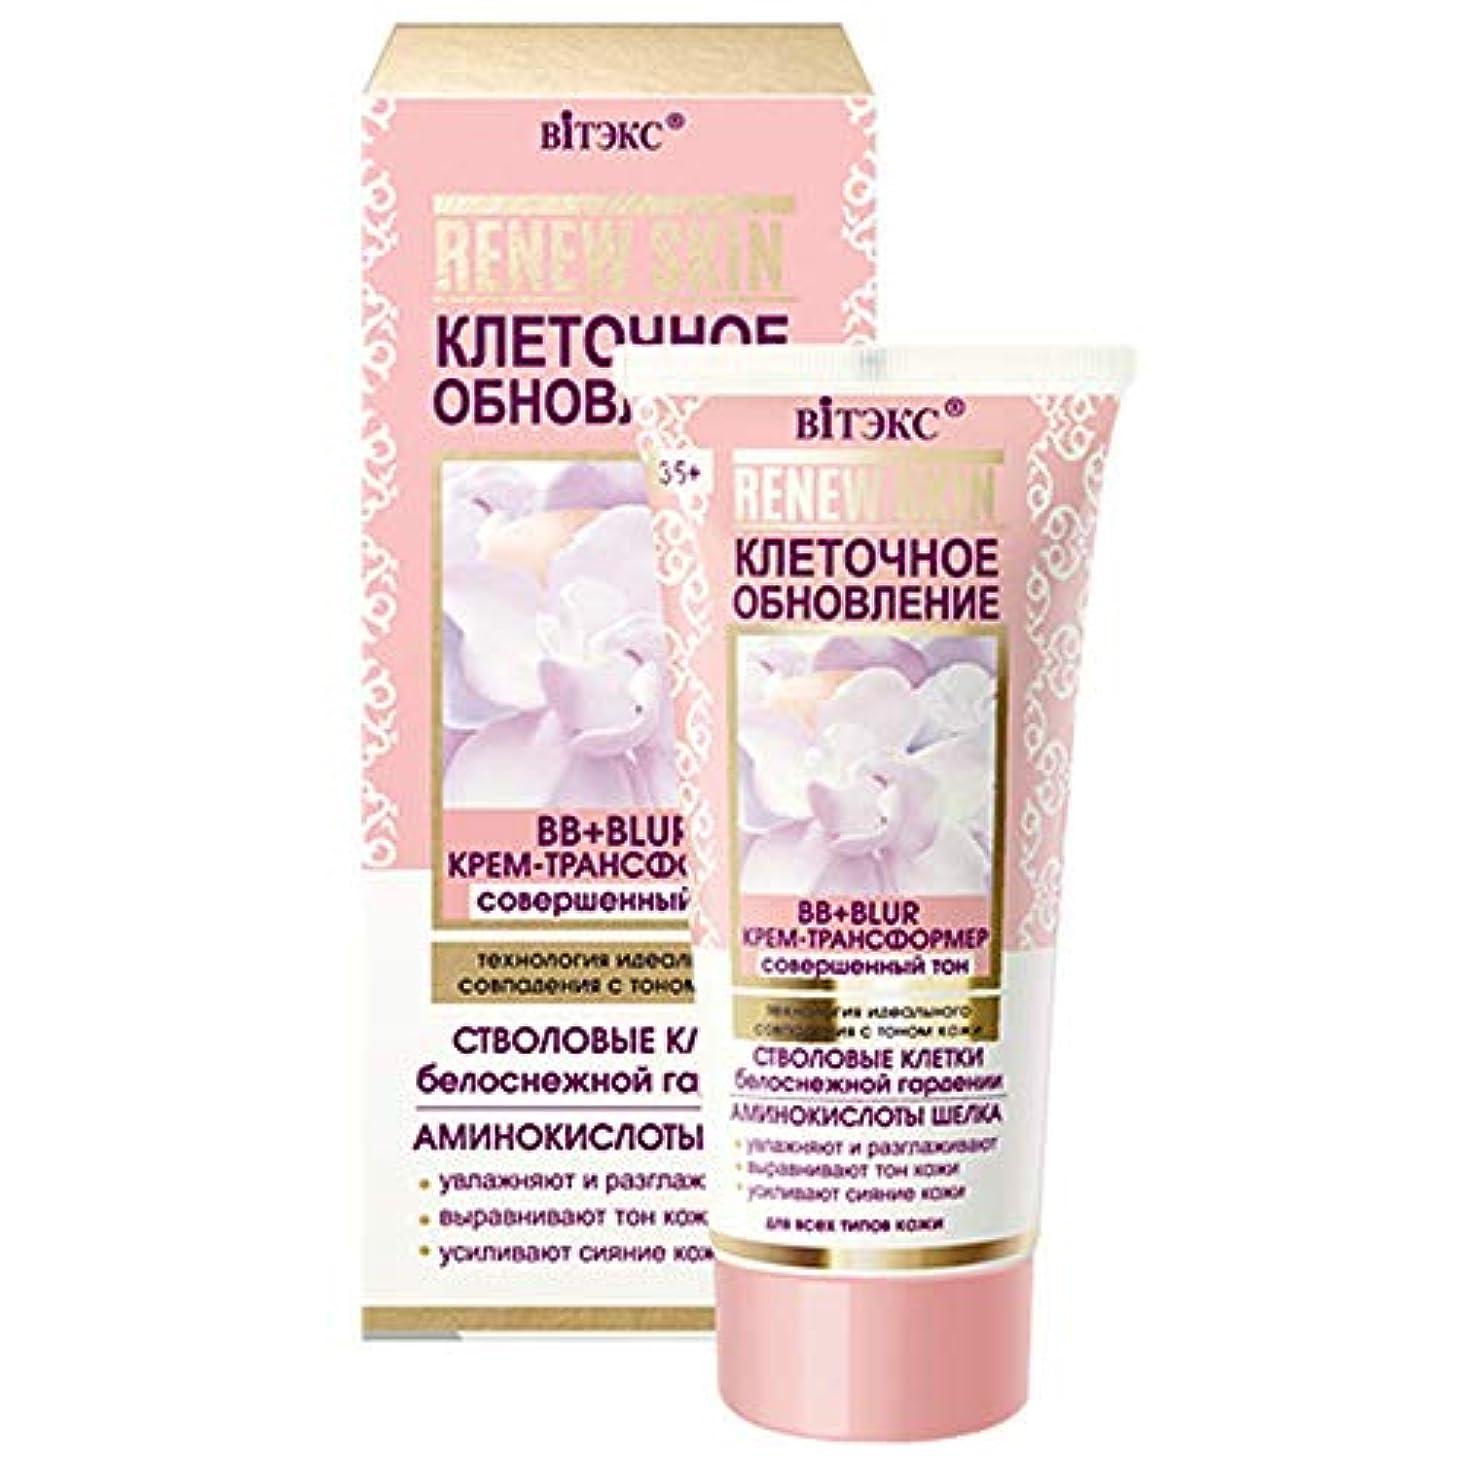 用心委託その後Bielita & Vitex   RENEW SKIN   BB + BLUR CREAM-TRANSFORMER   Perfect tone technology of perfect match with skin...